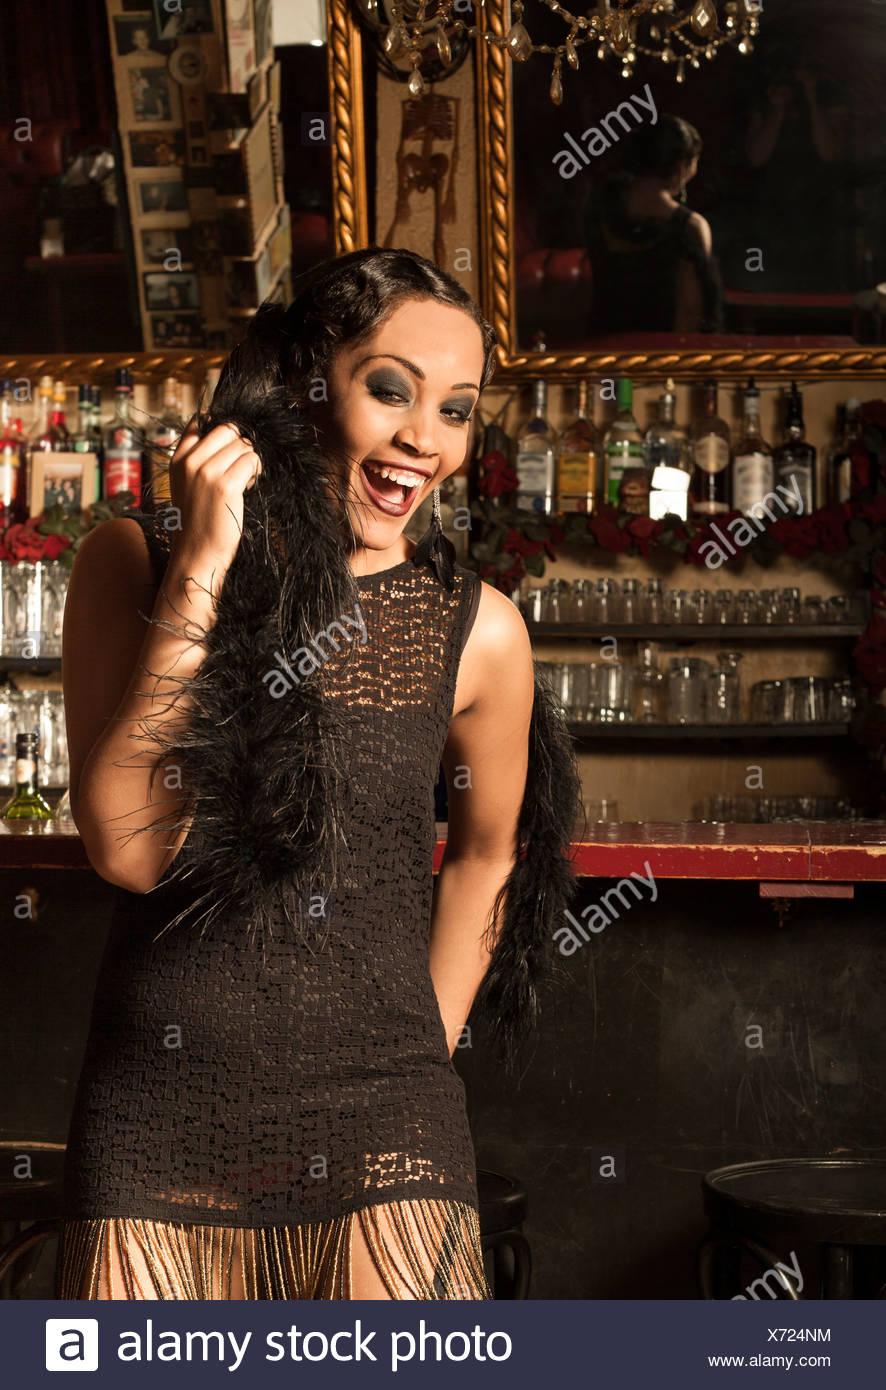 Jeune femme de style afro dans la façon d'années folles dans un bar Photo Stock